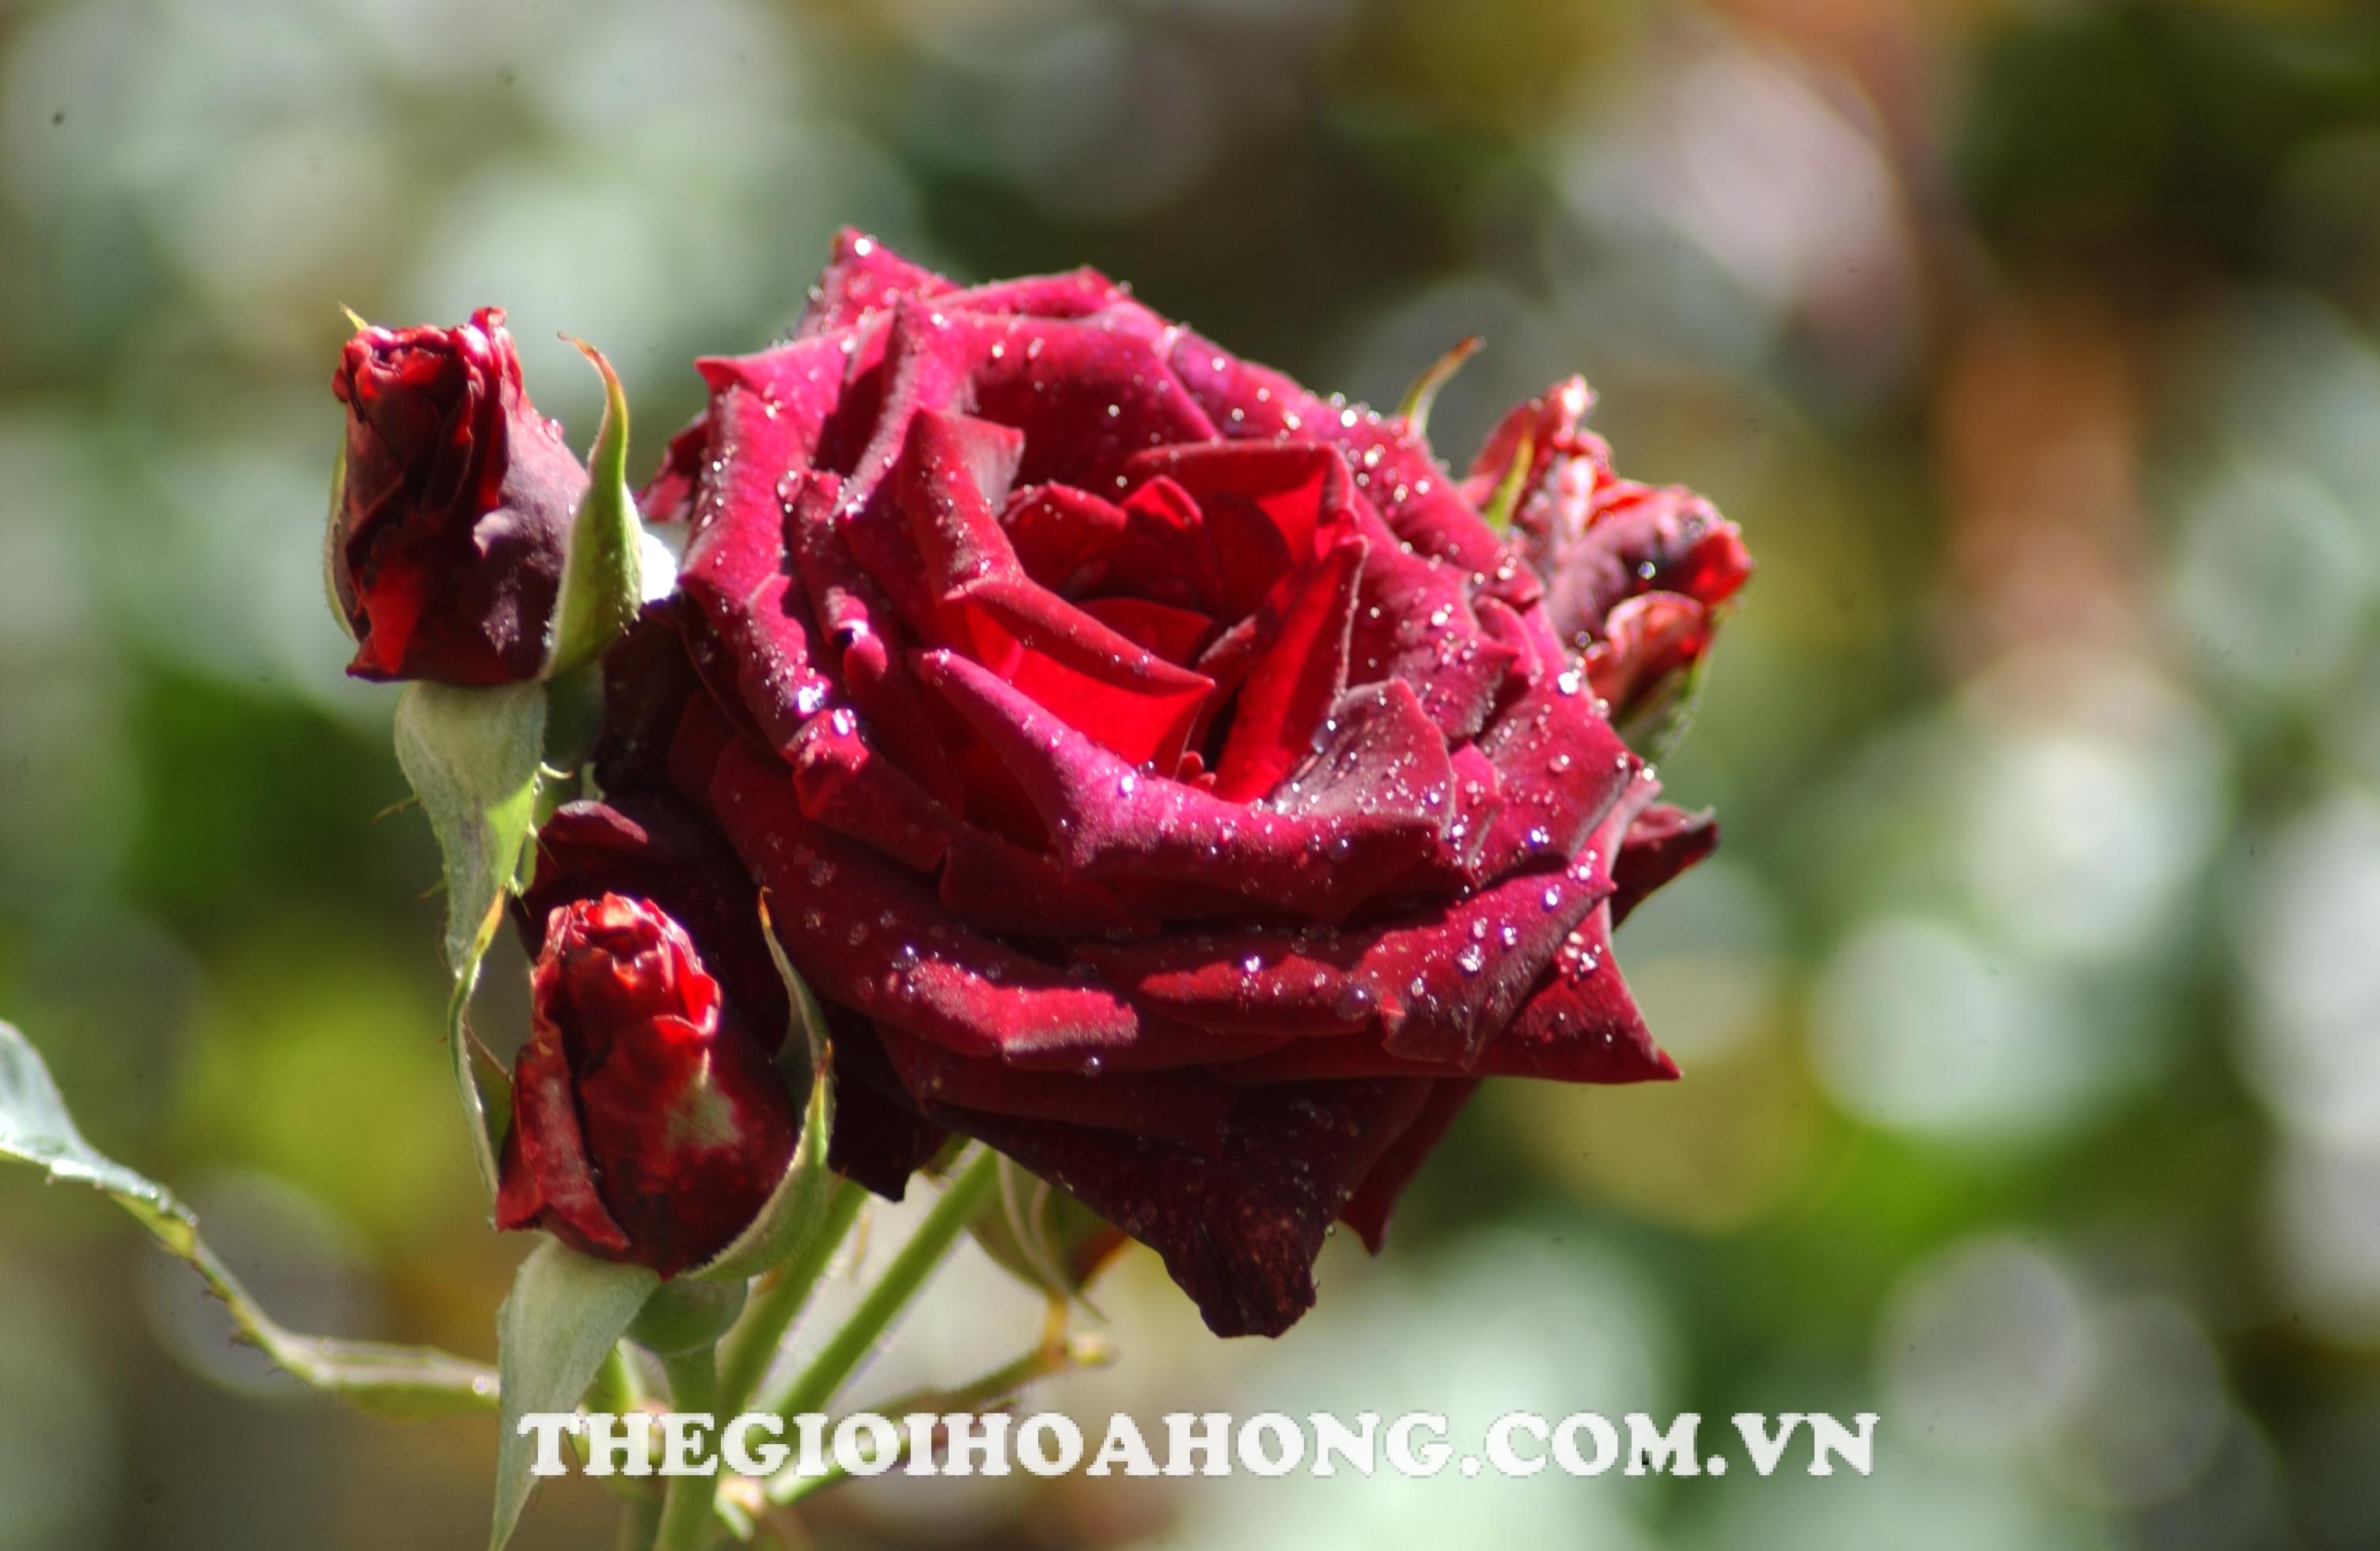 hoa hong bui Red Bacara